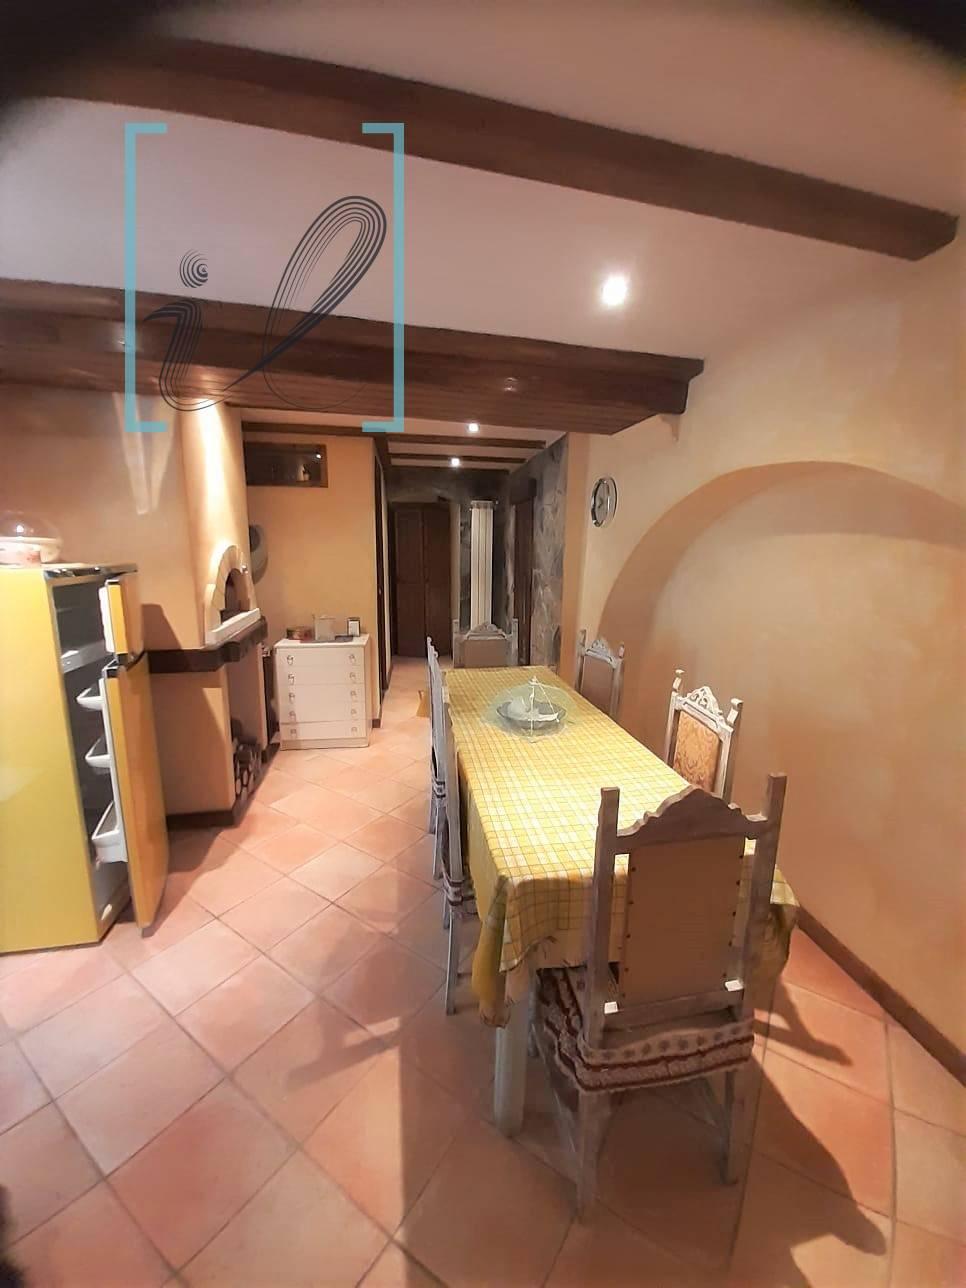 Rustico / Casale in vendita a Pornassio, 4 locali, zona Zona: Ottano, prezzo € 85.000 | CambioCasa.it